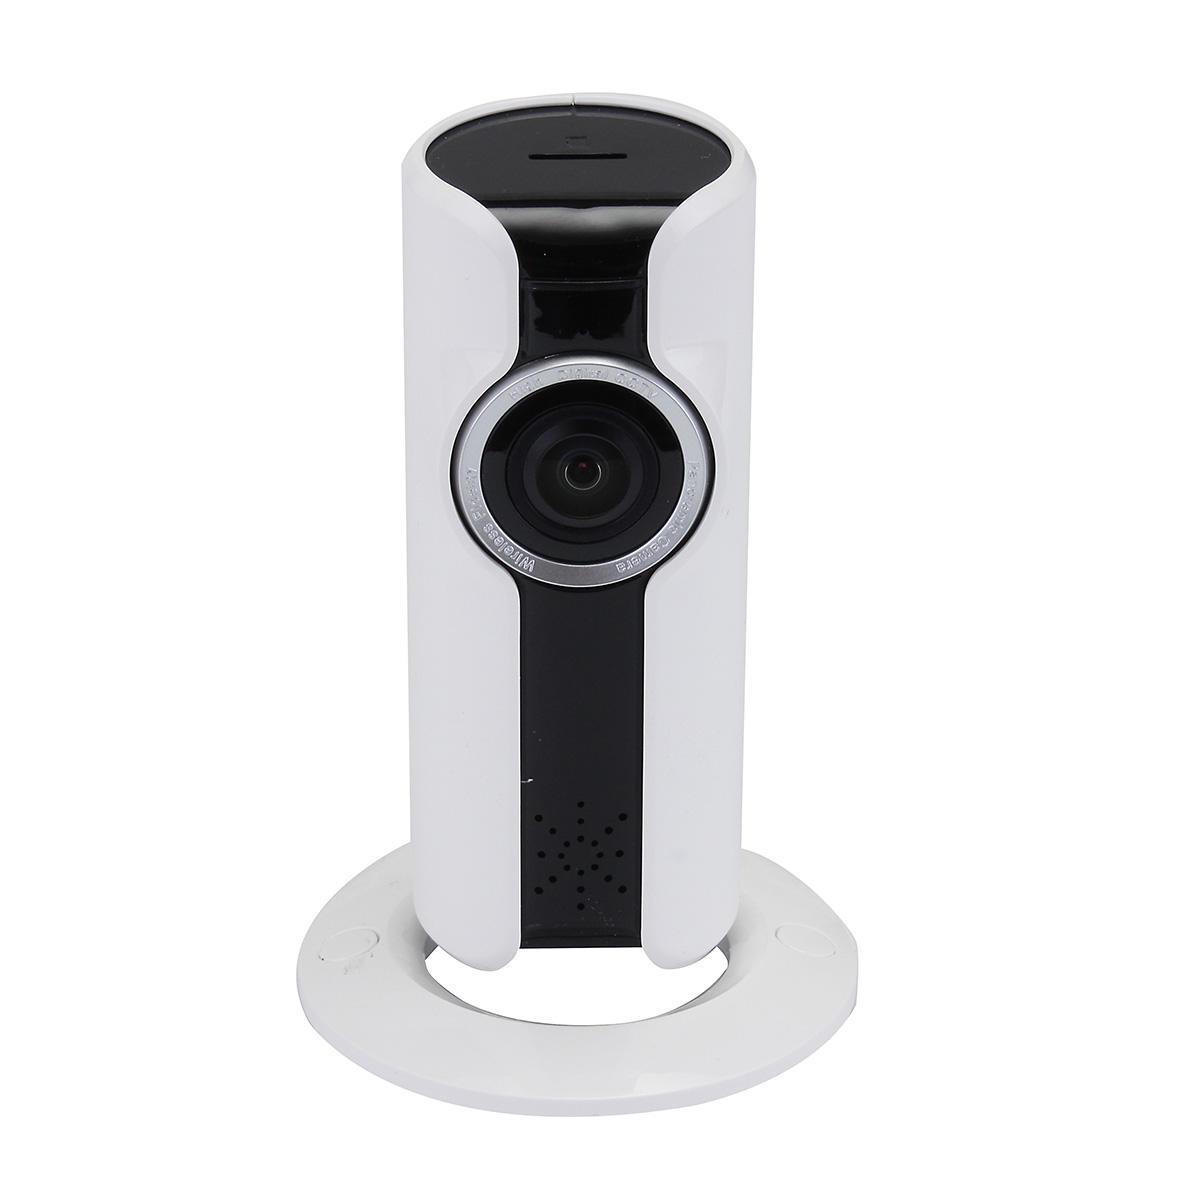 180 ° Πανοραμική φωτογραφική μηχανή IP Fisheye IP, Κάμερα επιτήρησης και ασφαλείας VR CAM JORTAN VR3D-2